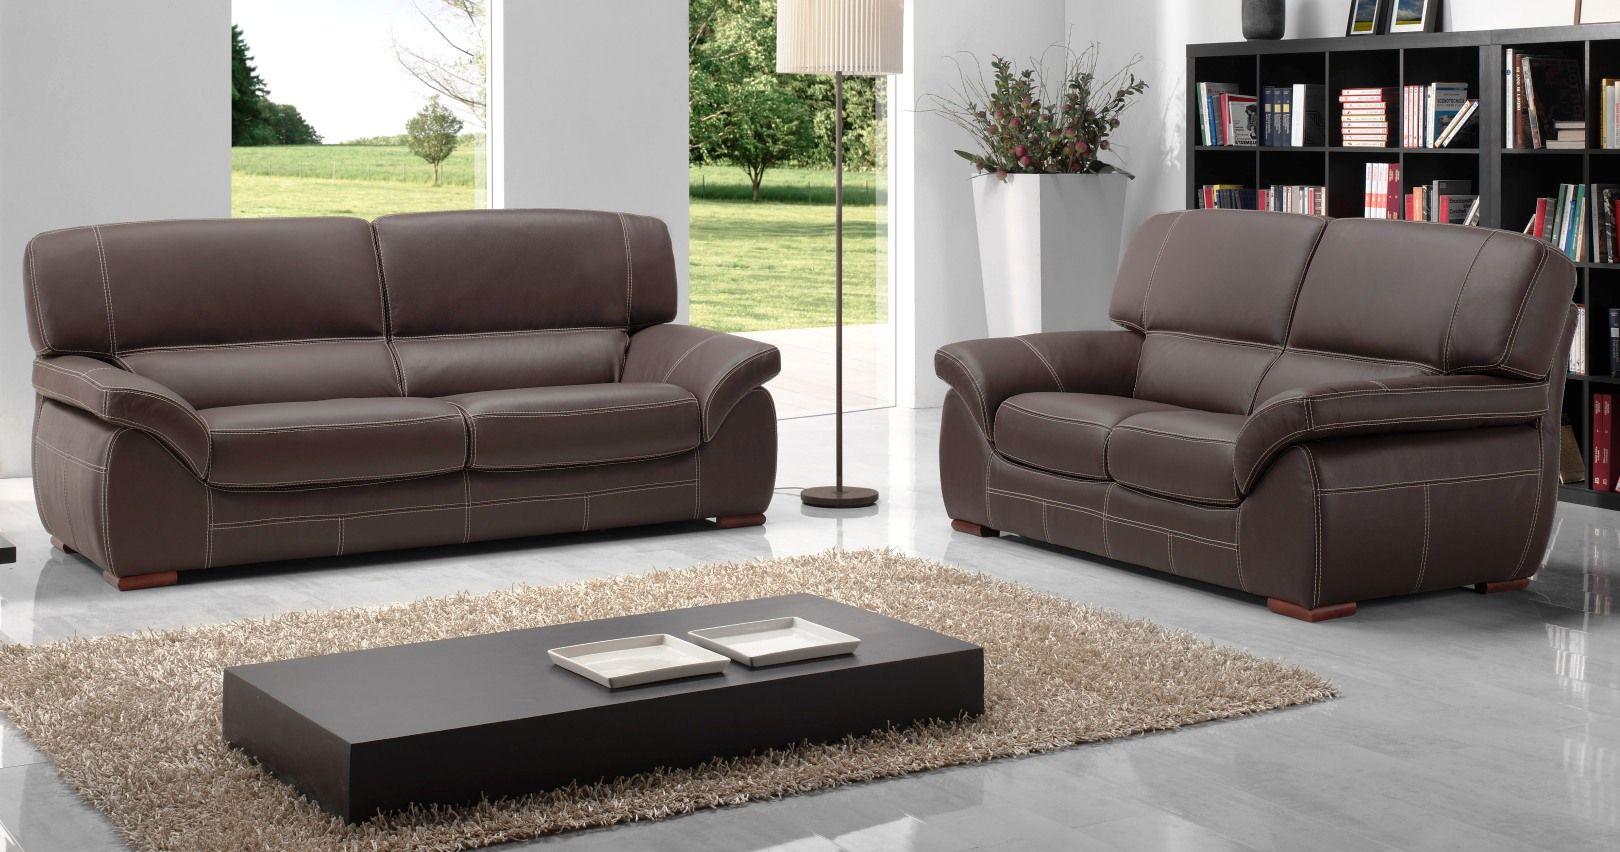 salon angelo cuir vachette ou buffle sur univers du cuir. Black Bedroom Furniture Sets. Home Design Ideas